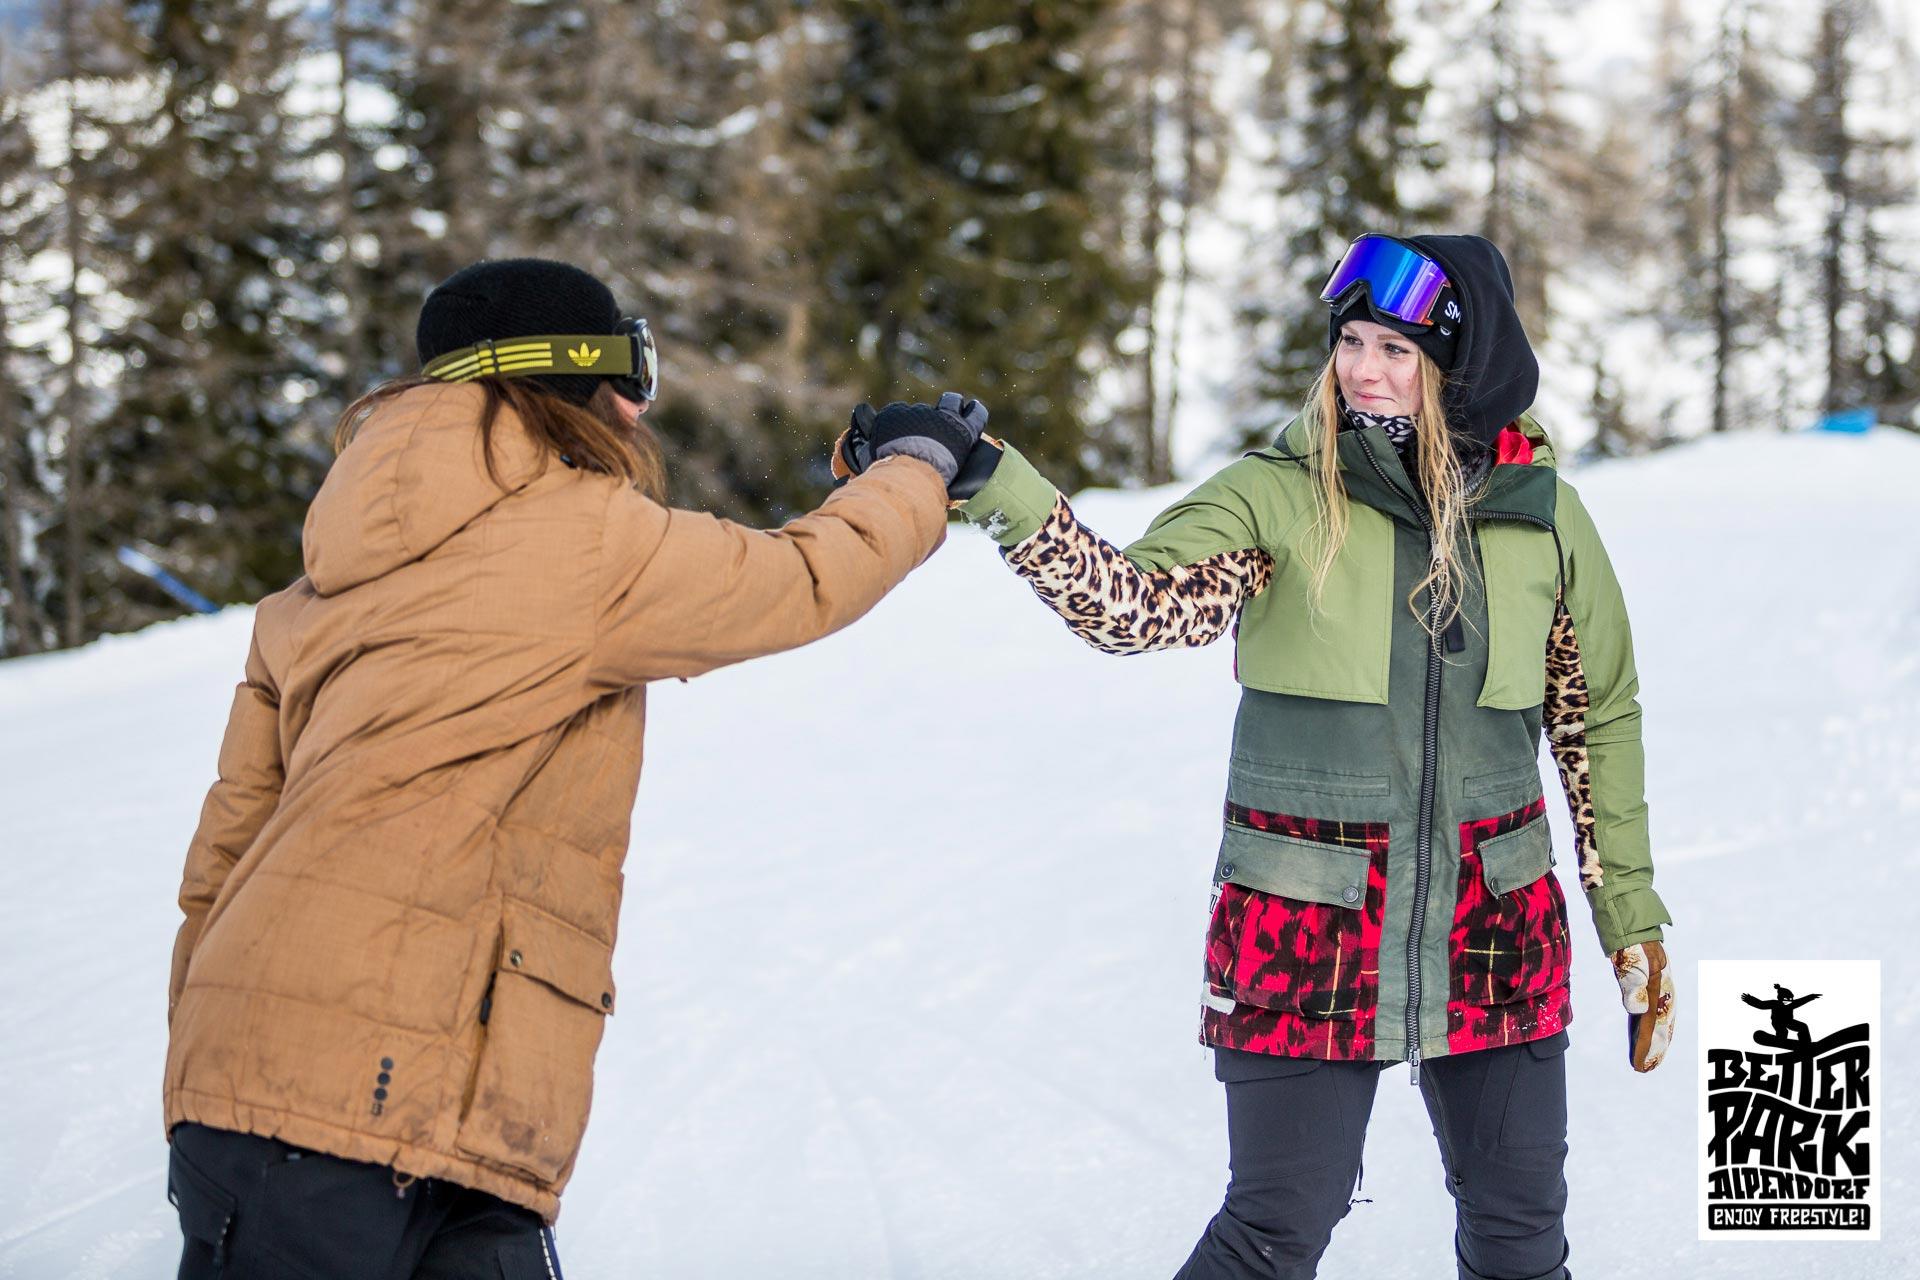 Das Freestyle Wochenende ist die perfekte Möglichkeit, um die ganze Familie glücklich zu machen und an das Thema Freeski heranzuführen - Foto: Gert Perauer